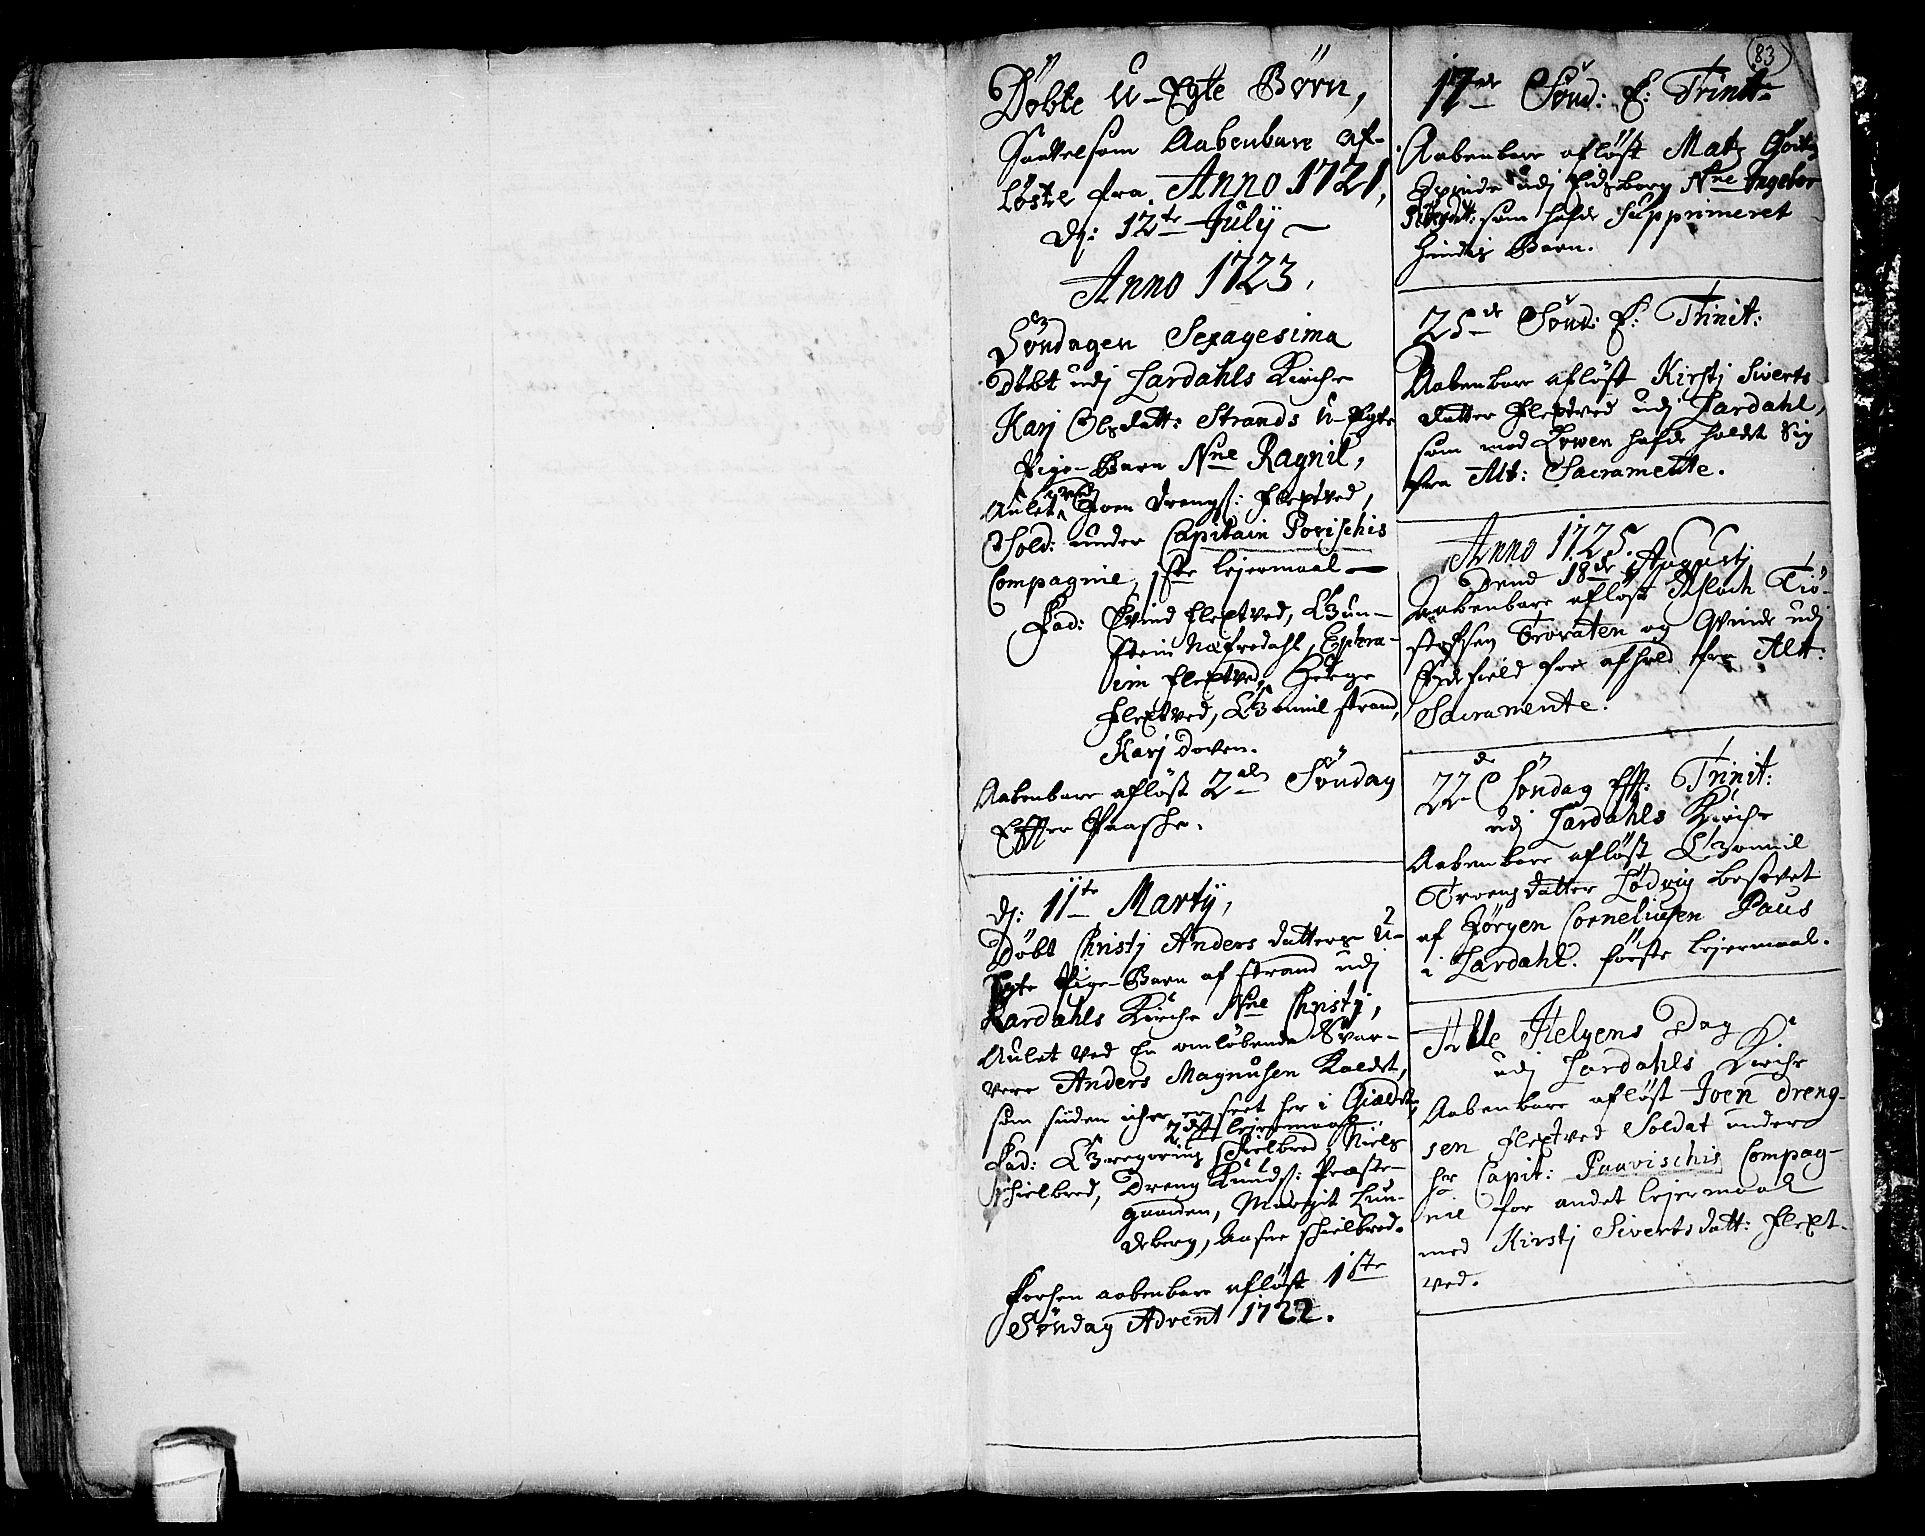 SAKO, Lårdal kirkebøker, F/Fa/L0001: Ministerialbok nr. I 1, 1721-1734, s. 83